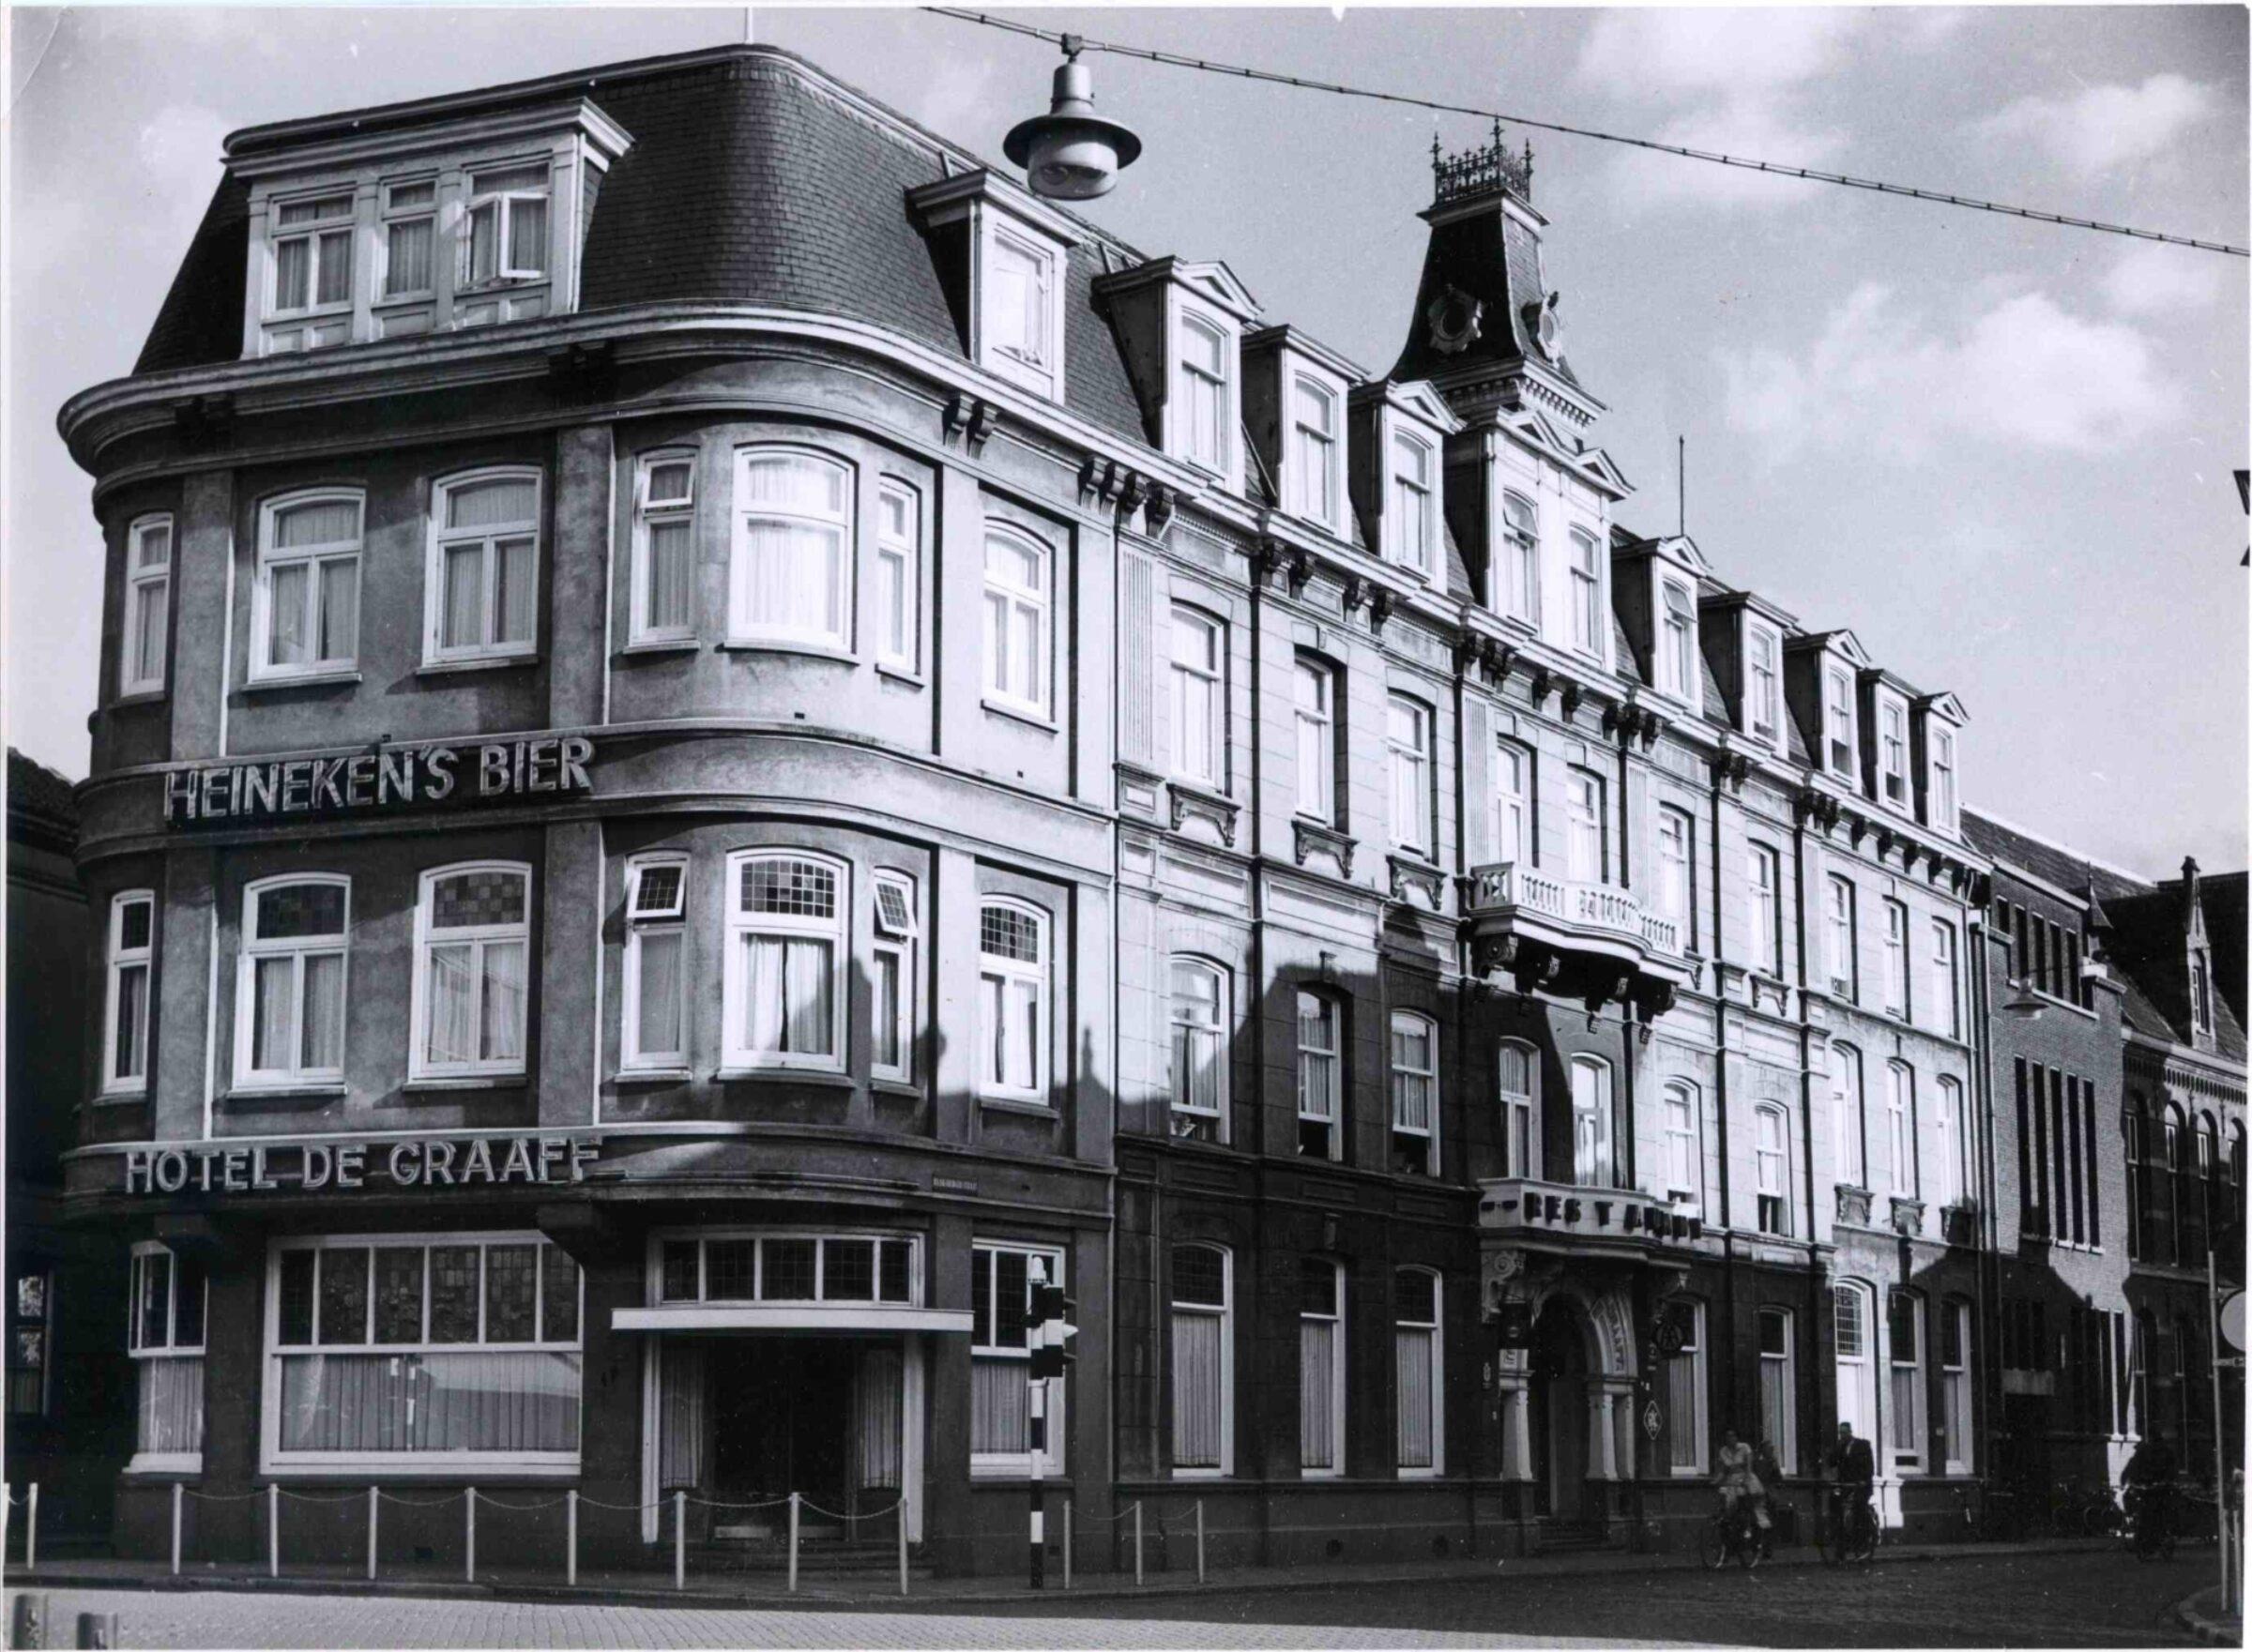 Hotel de Graaff van Stadsarchief Enschede